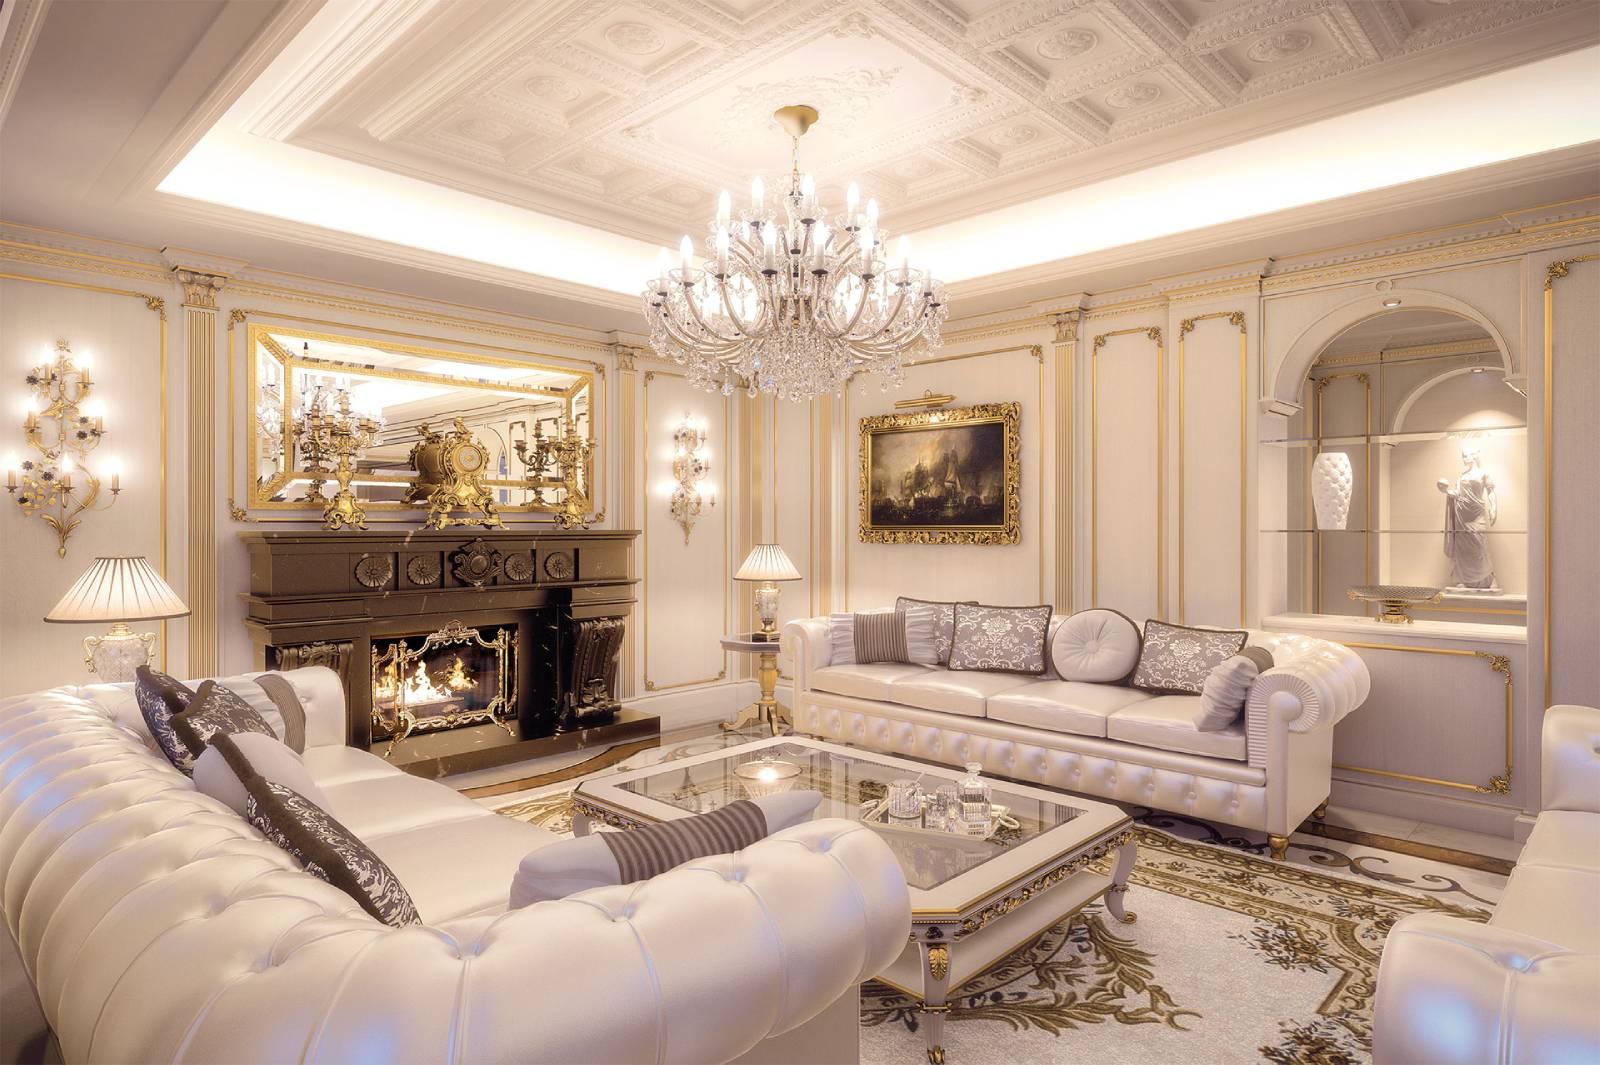 Tìm hiểu về phong cách thiết kế nội thất tân cổ điển kiểu Pháp